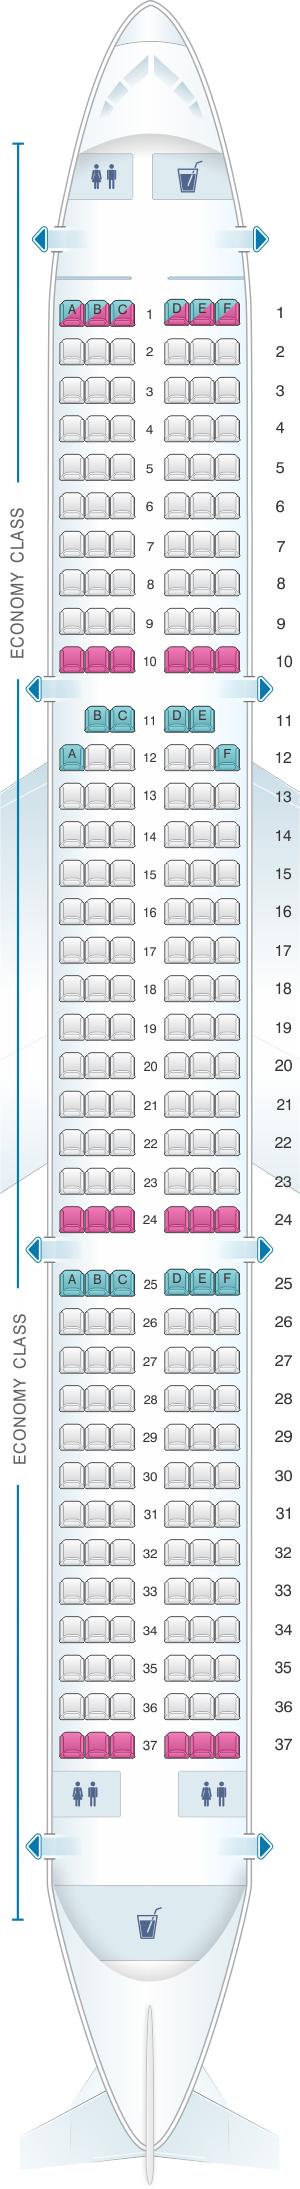 Seat Map Jetstar Airways Airbus A321 220pax SeatMaestro - Us Airways A321 Seat Map